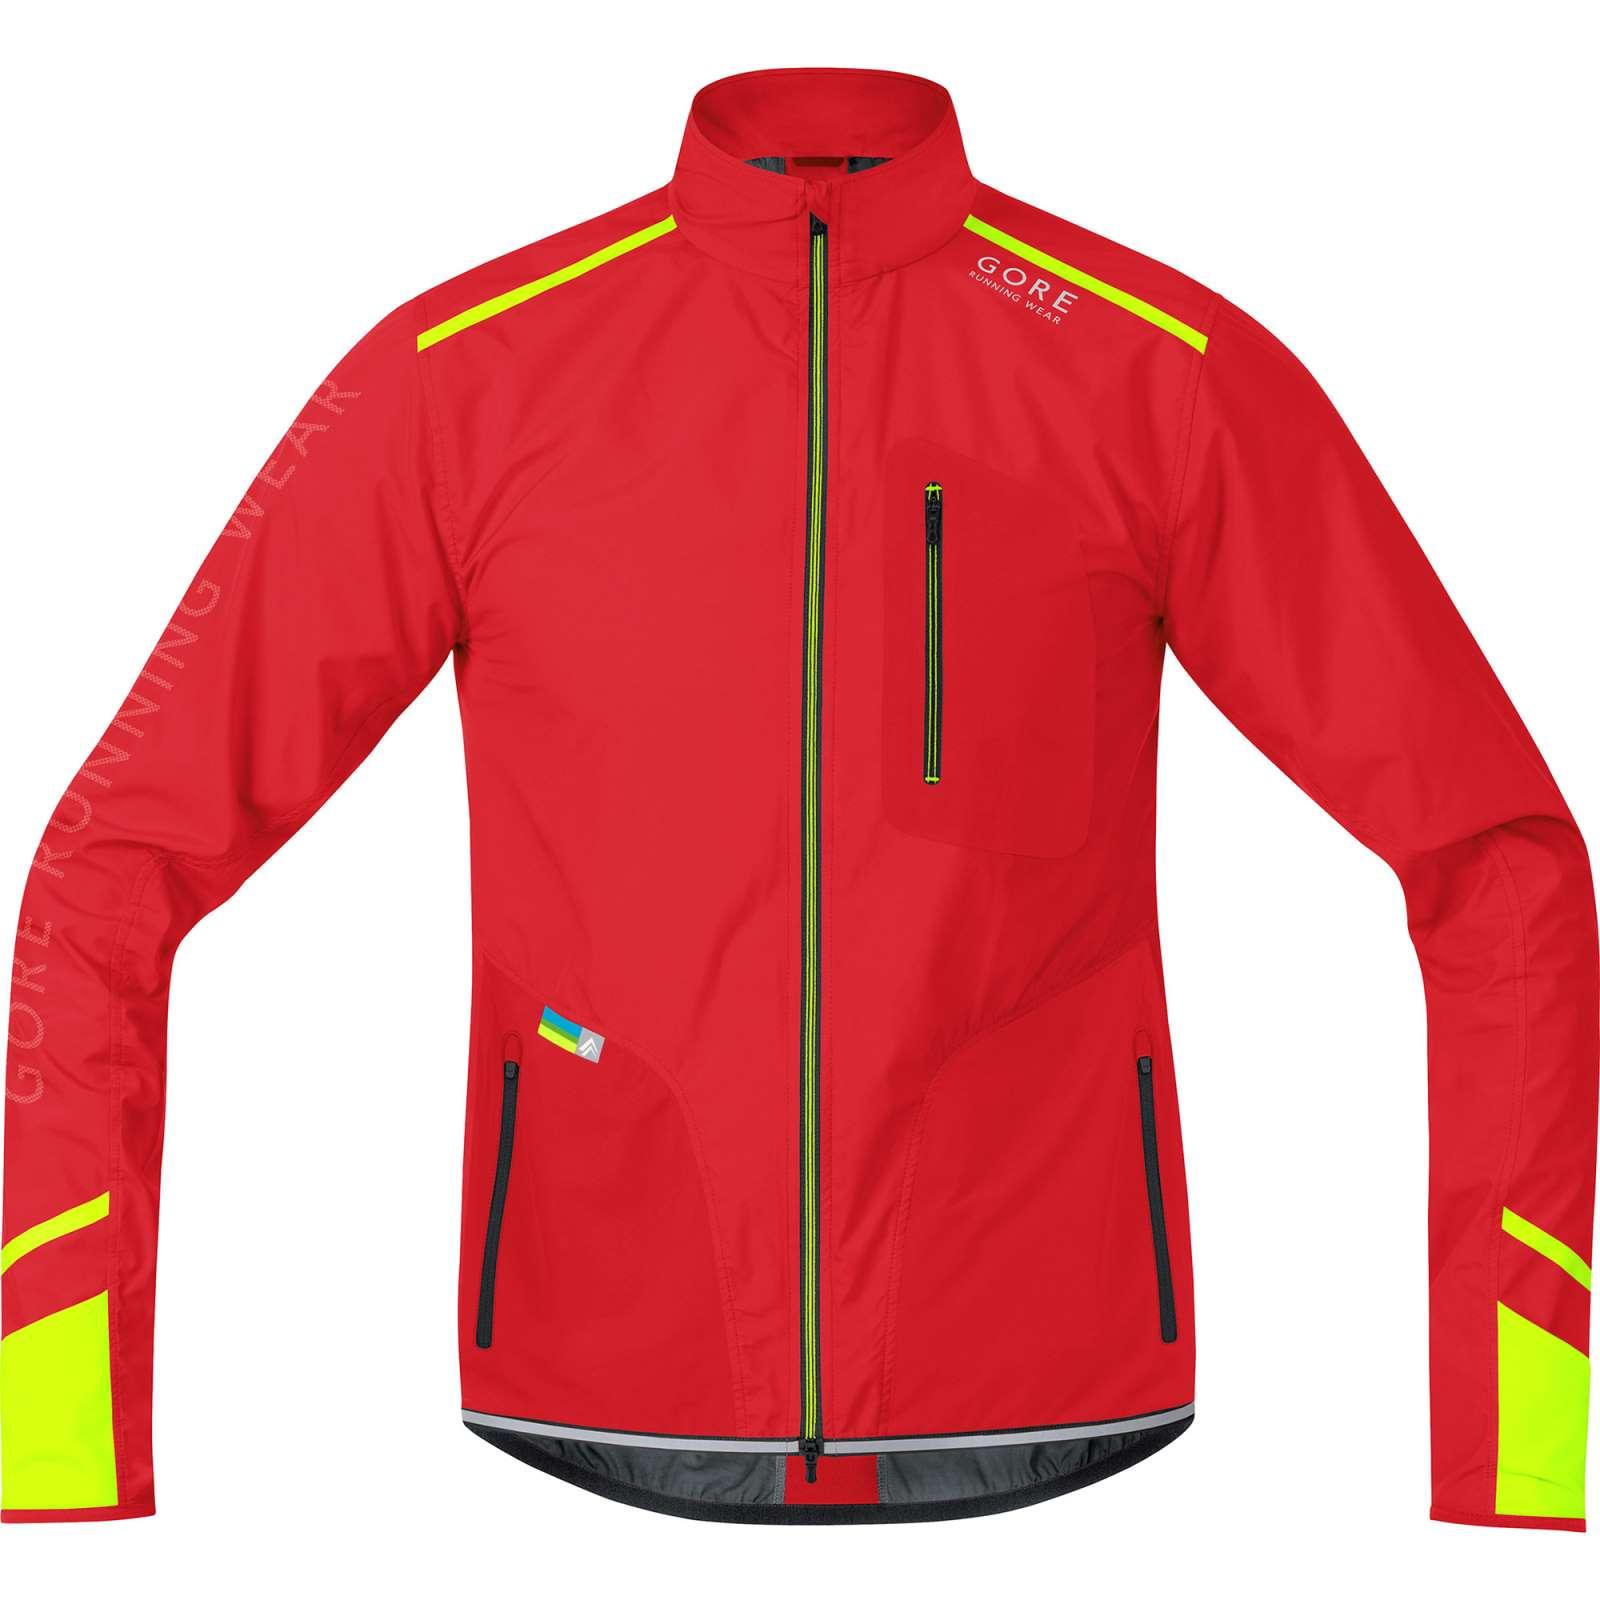 GORE WEAR Gore Running Wear Handschuhe X-Run Ultra Soft Shell Light